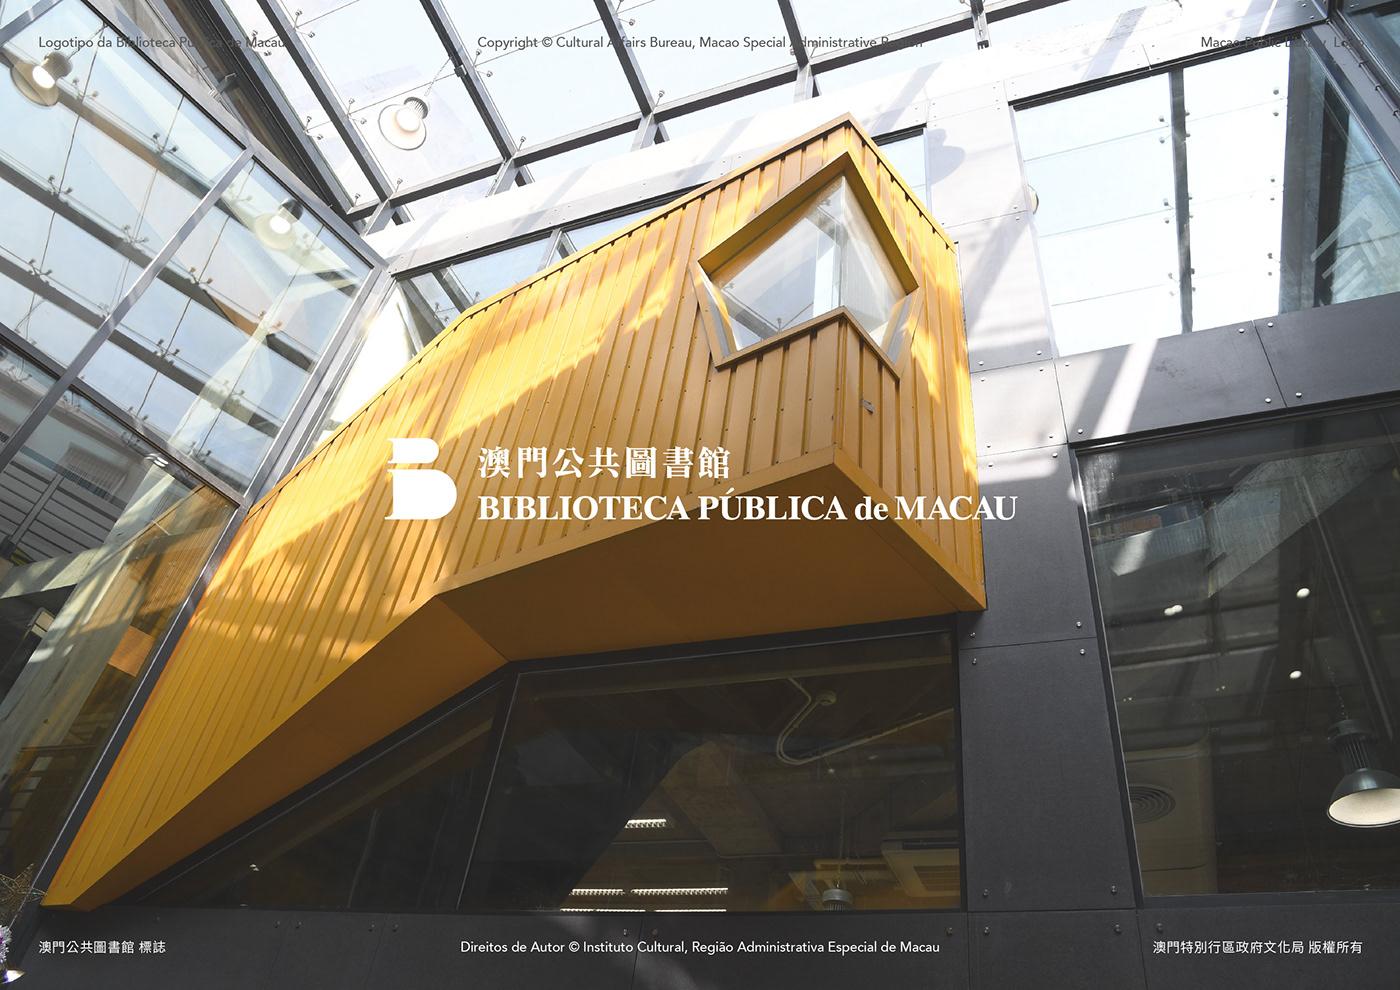 MACAO PUBLIC LIBRARY Macao public library logo branding  macau graphic design